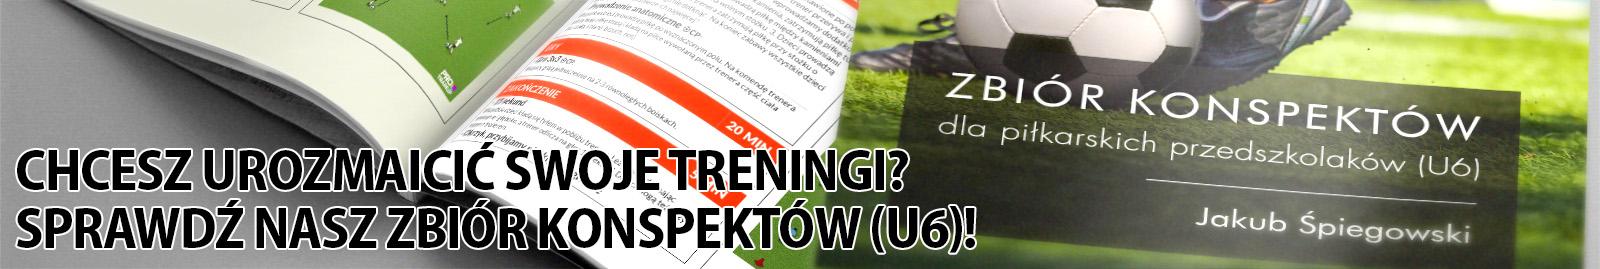 zbior-konspektow-u6-banner-2